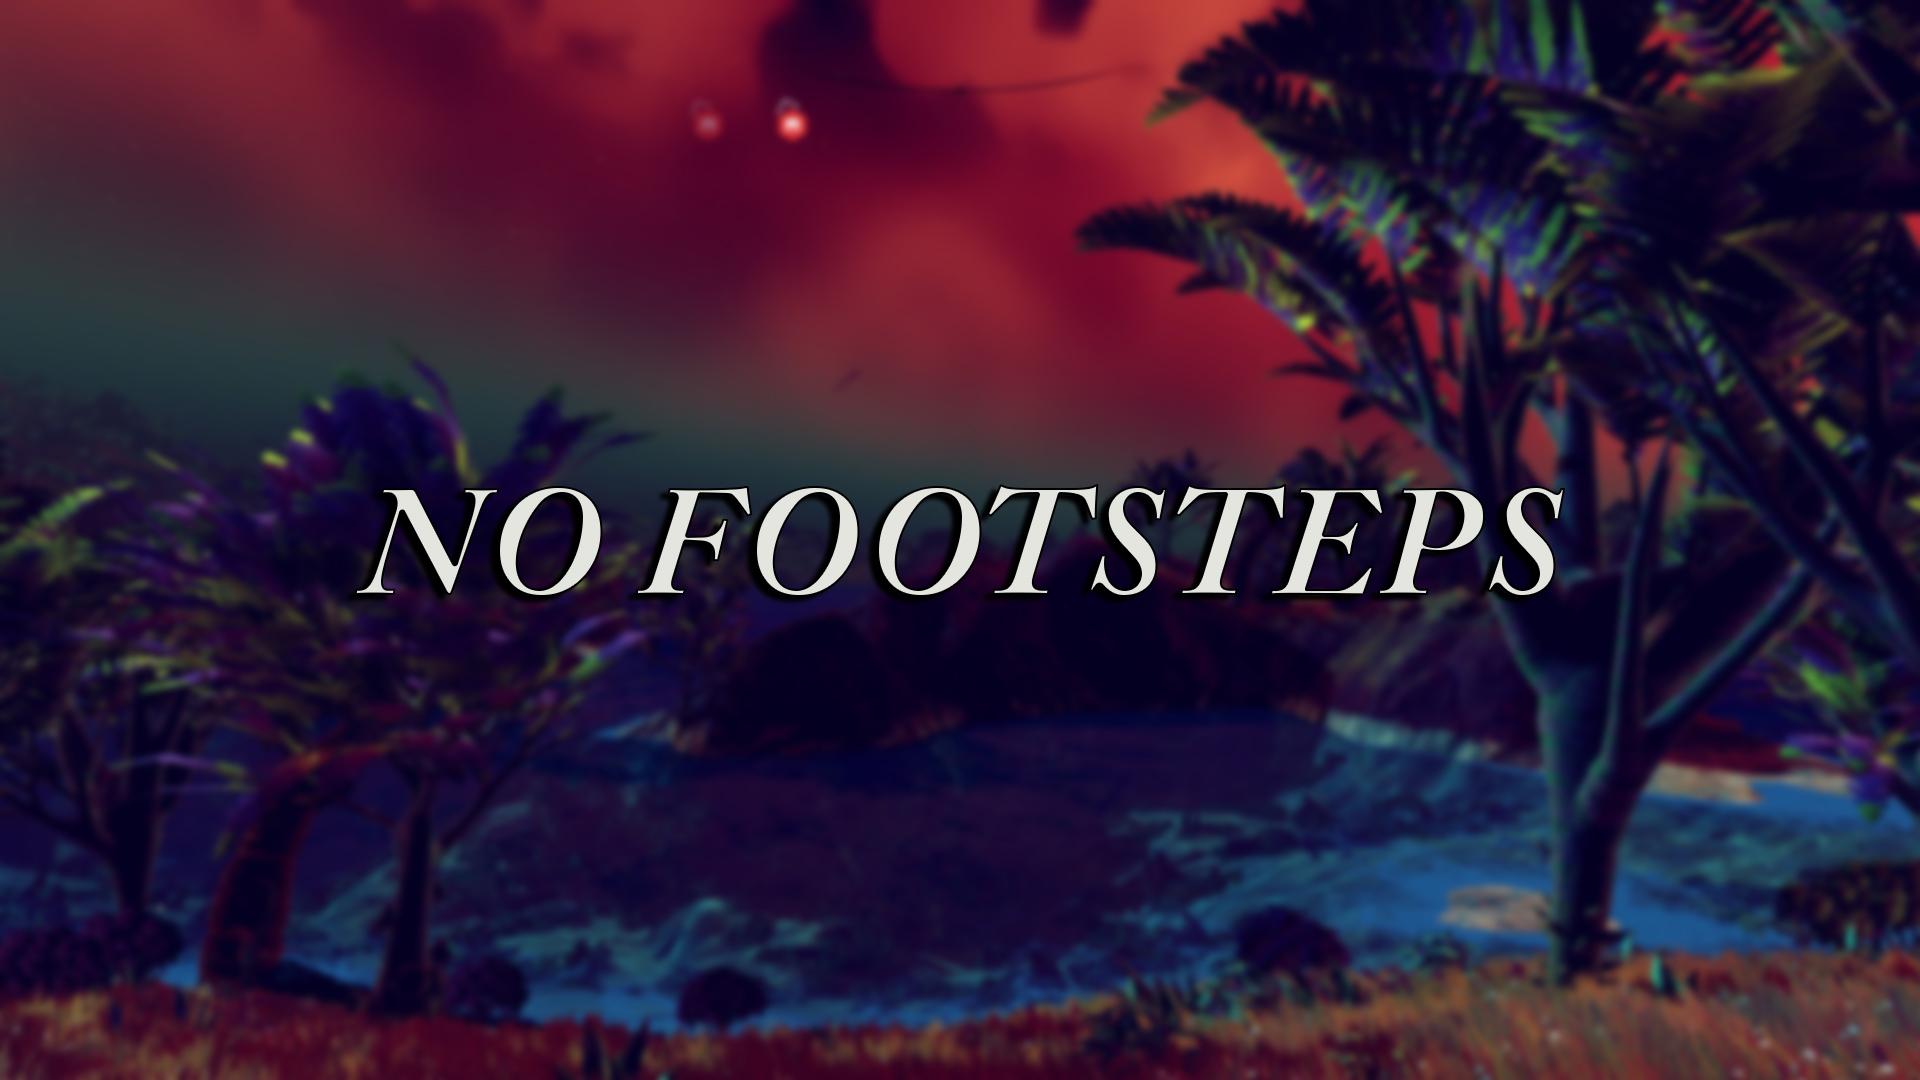 No footsteps